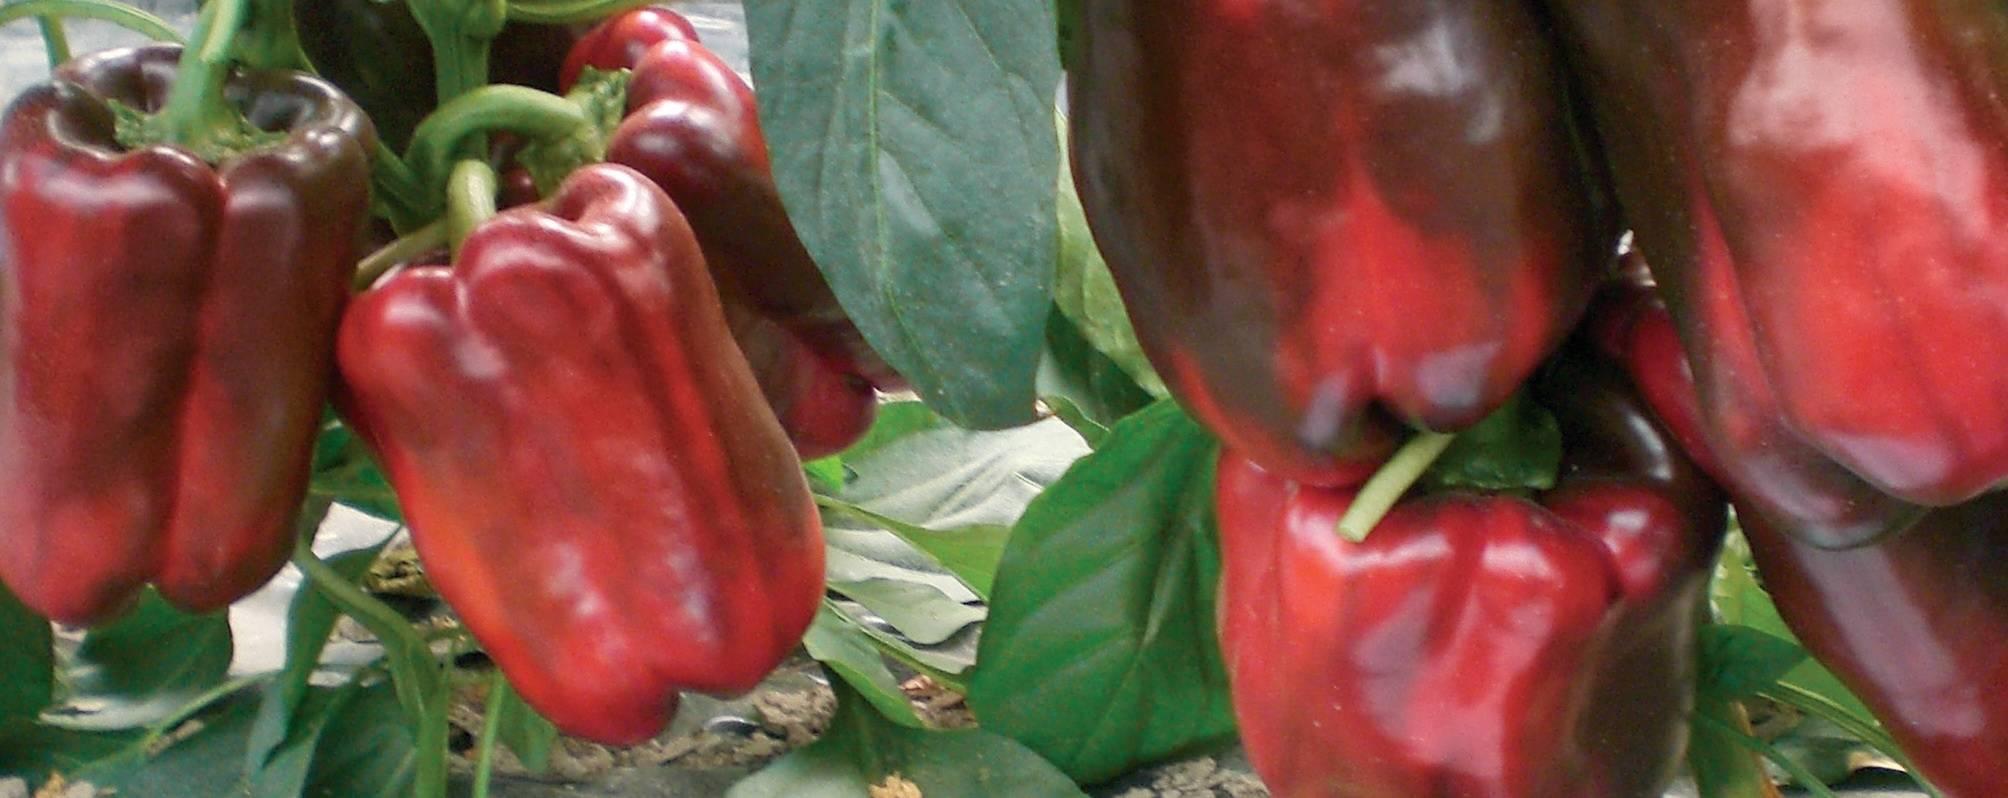 Посадка, технология выращивания и уход за перцем в открытом грунте